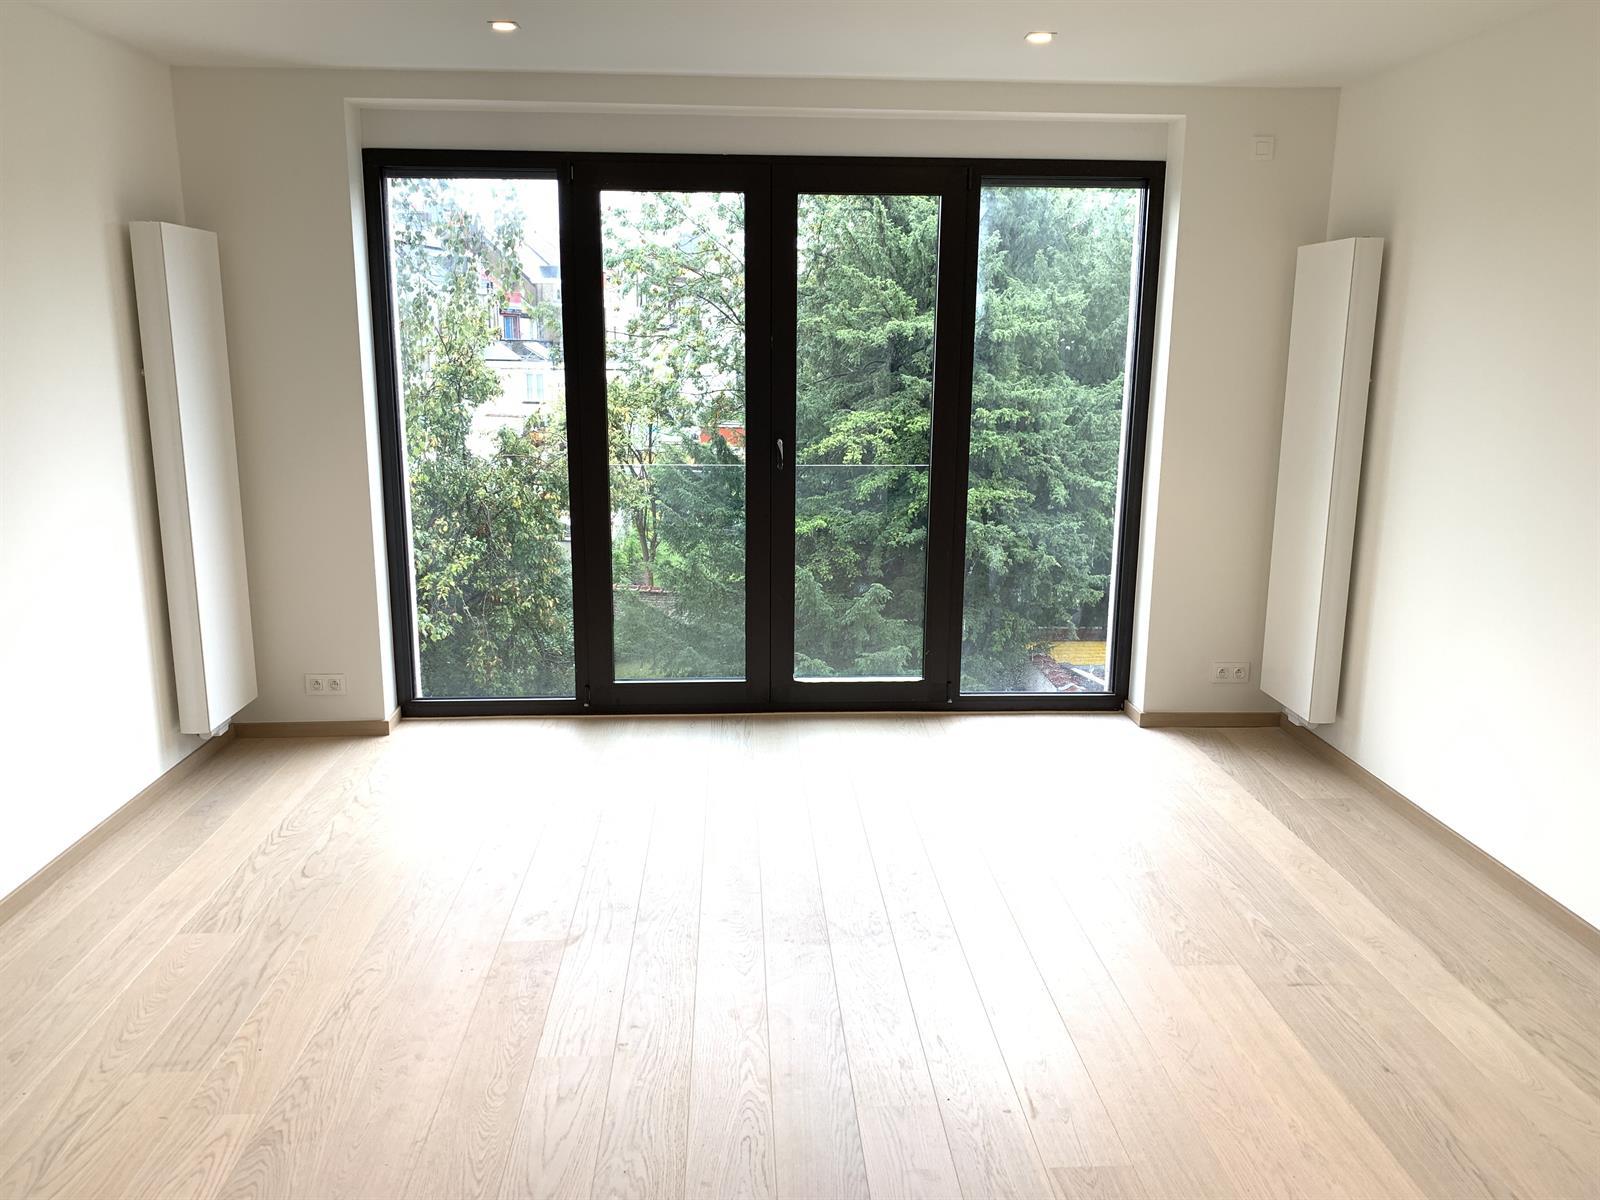 Flat - Ixelles - #4372445-1